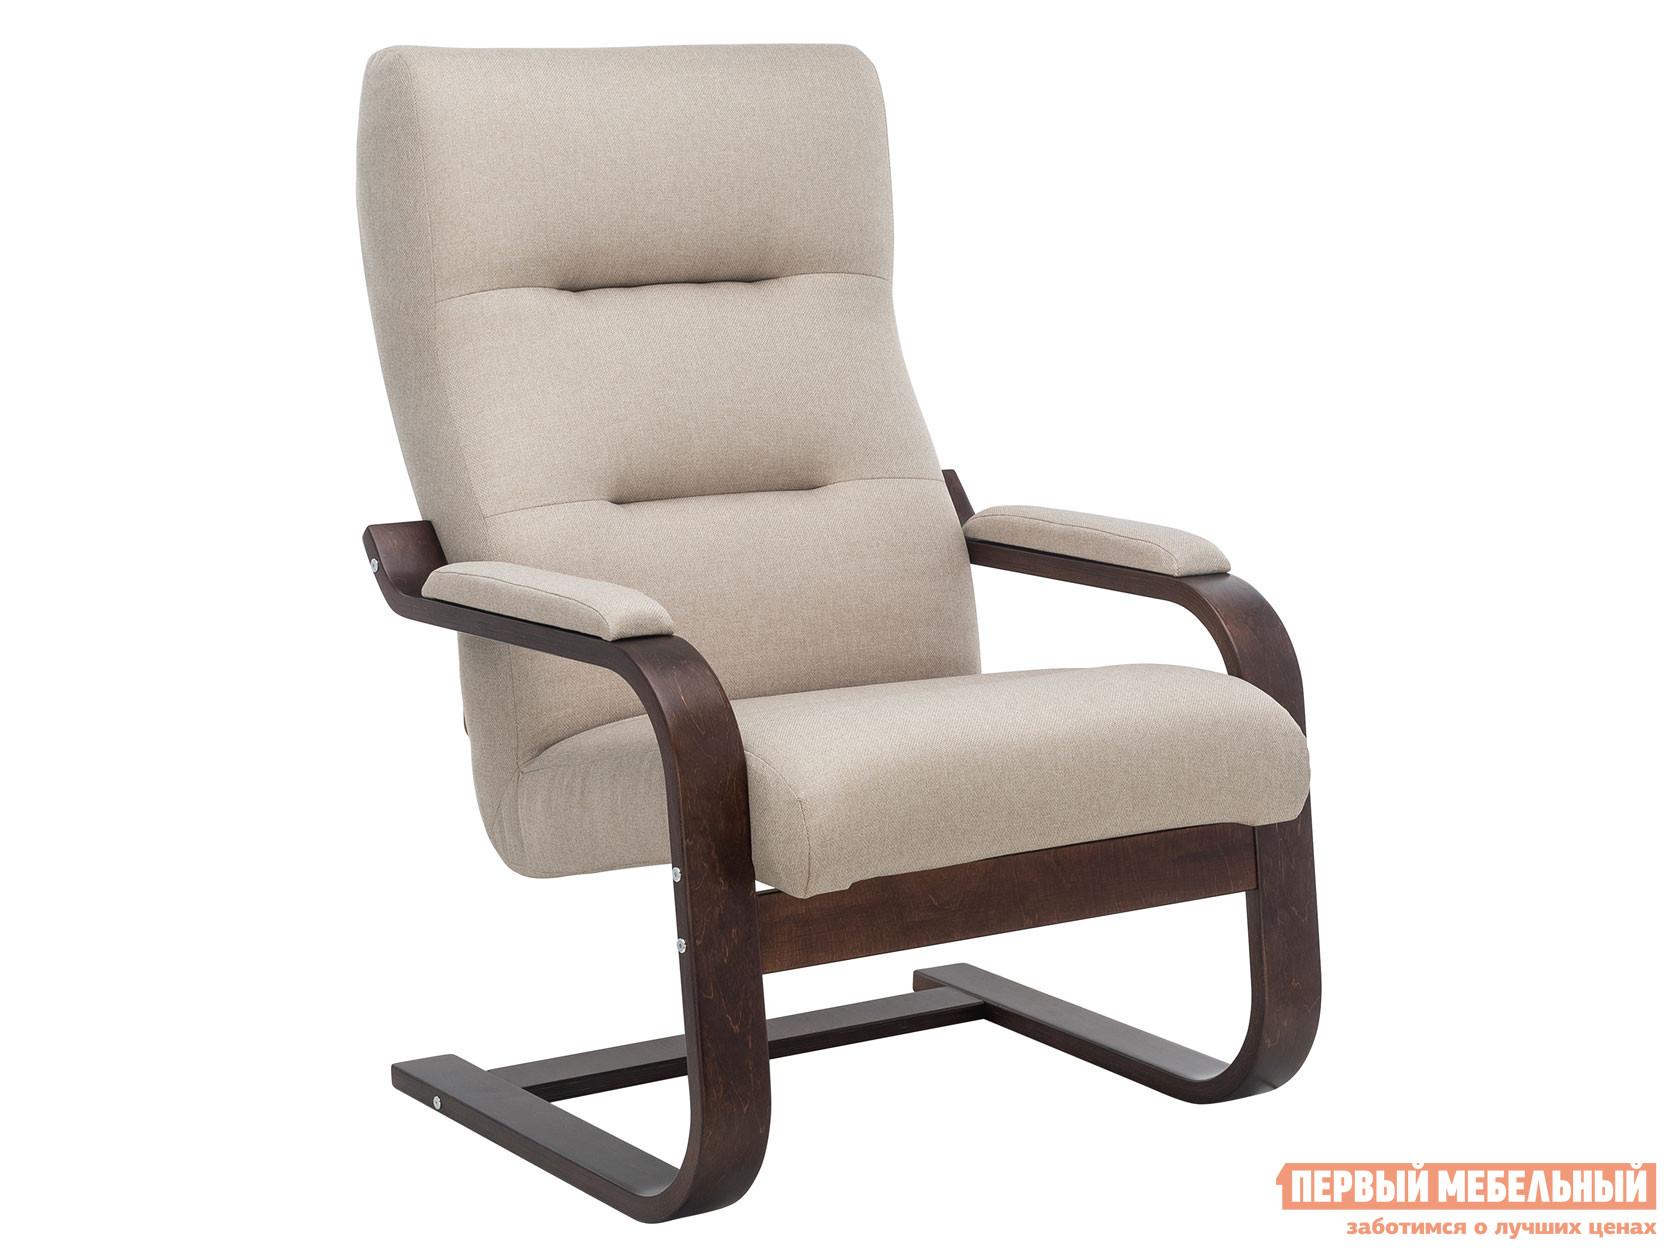 Кресло-качалка Мебель Импэкс Кресло Освальд Люкс кресло качалка мебель импэкс кресло качалка складное белтех